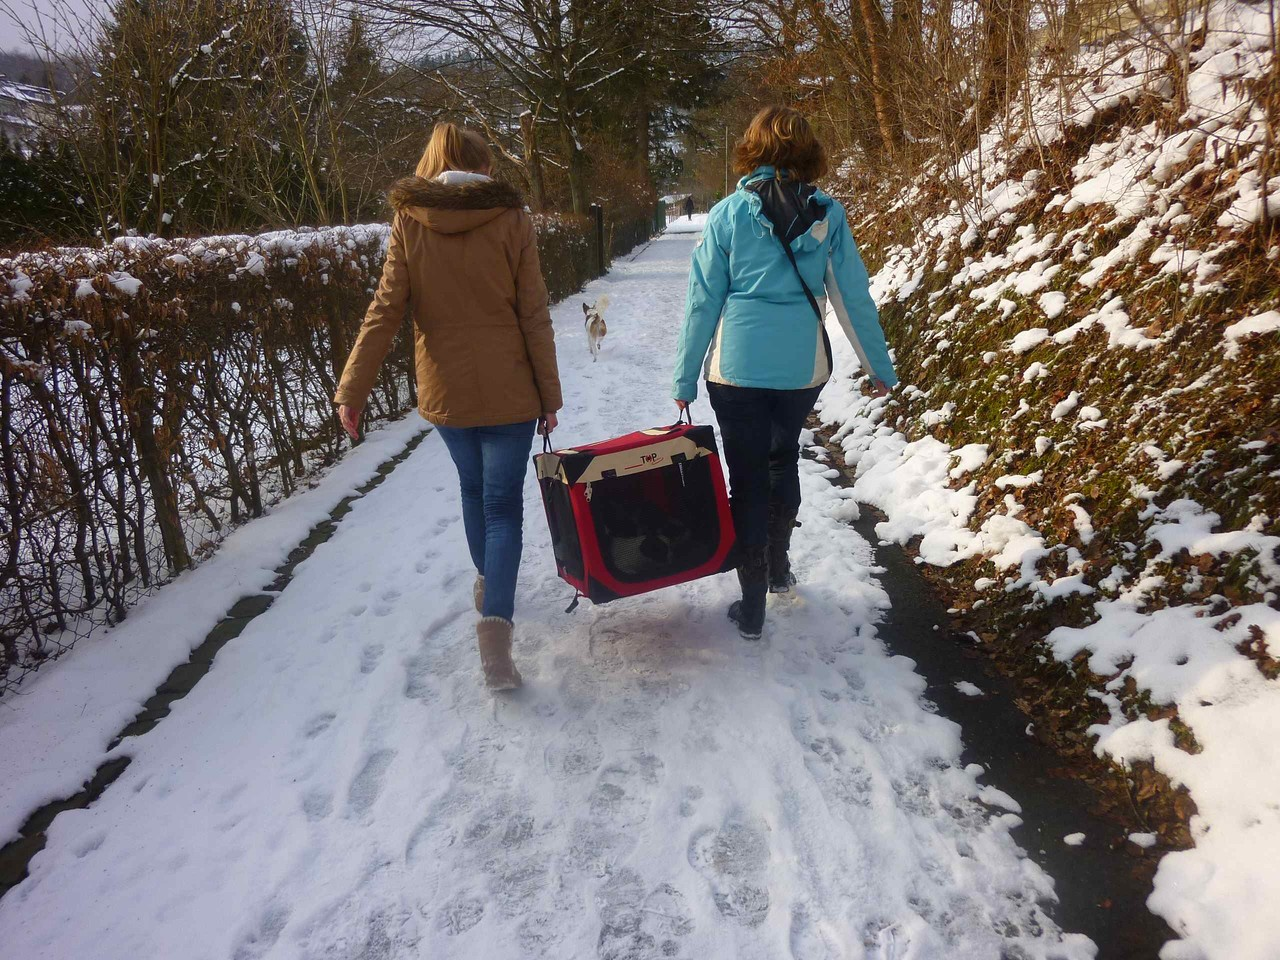 auf dem Weg in den Schnee...